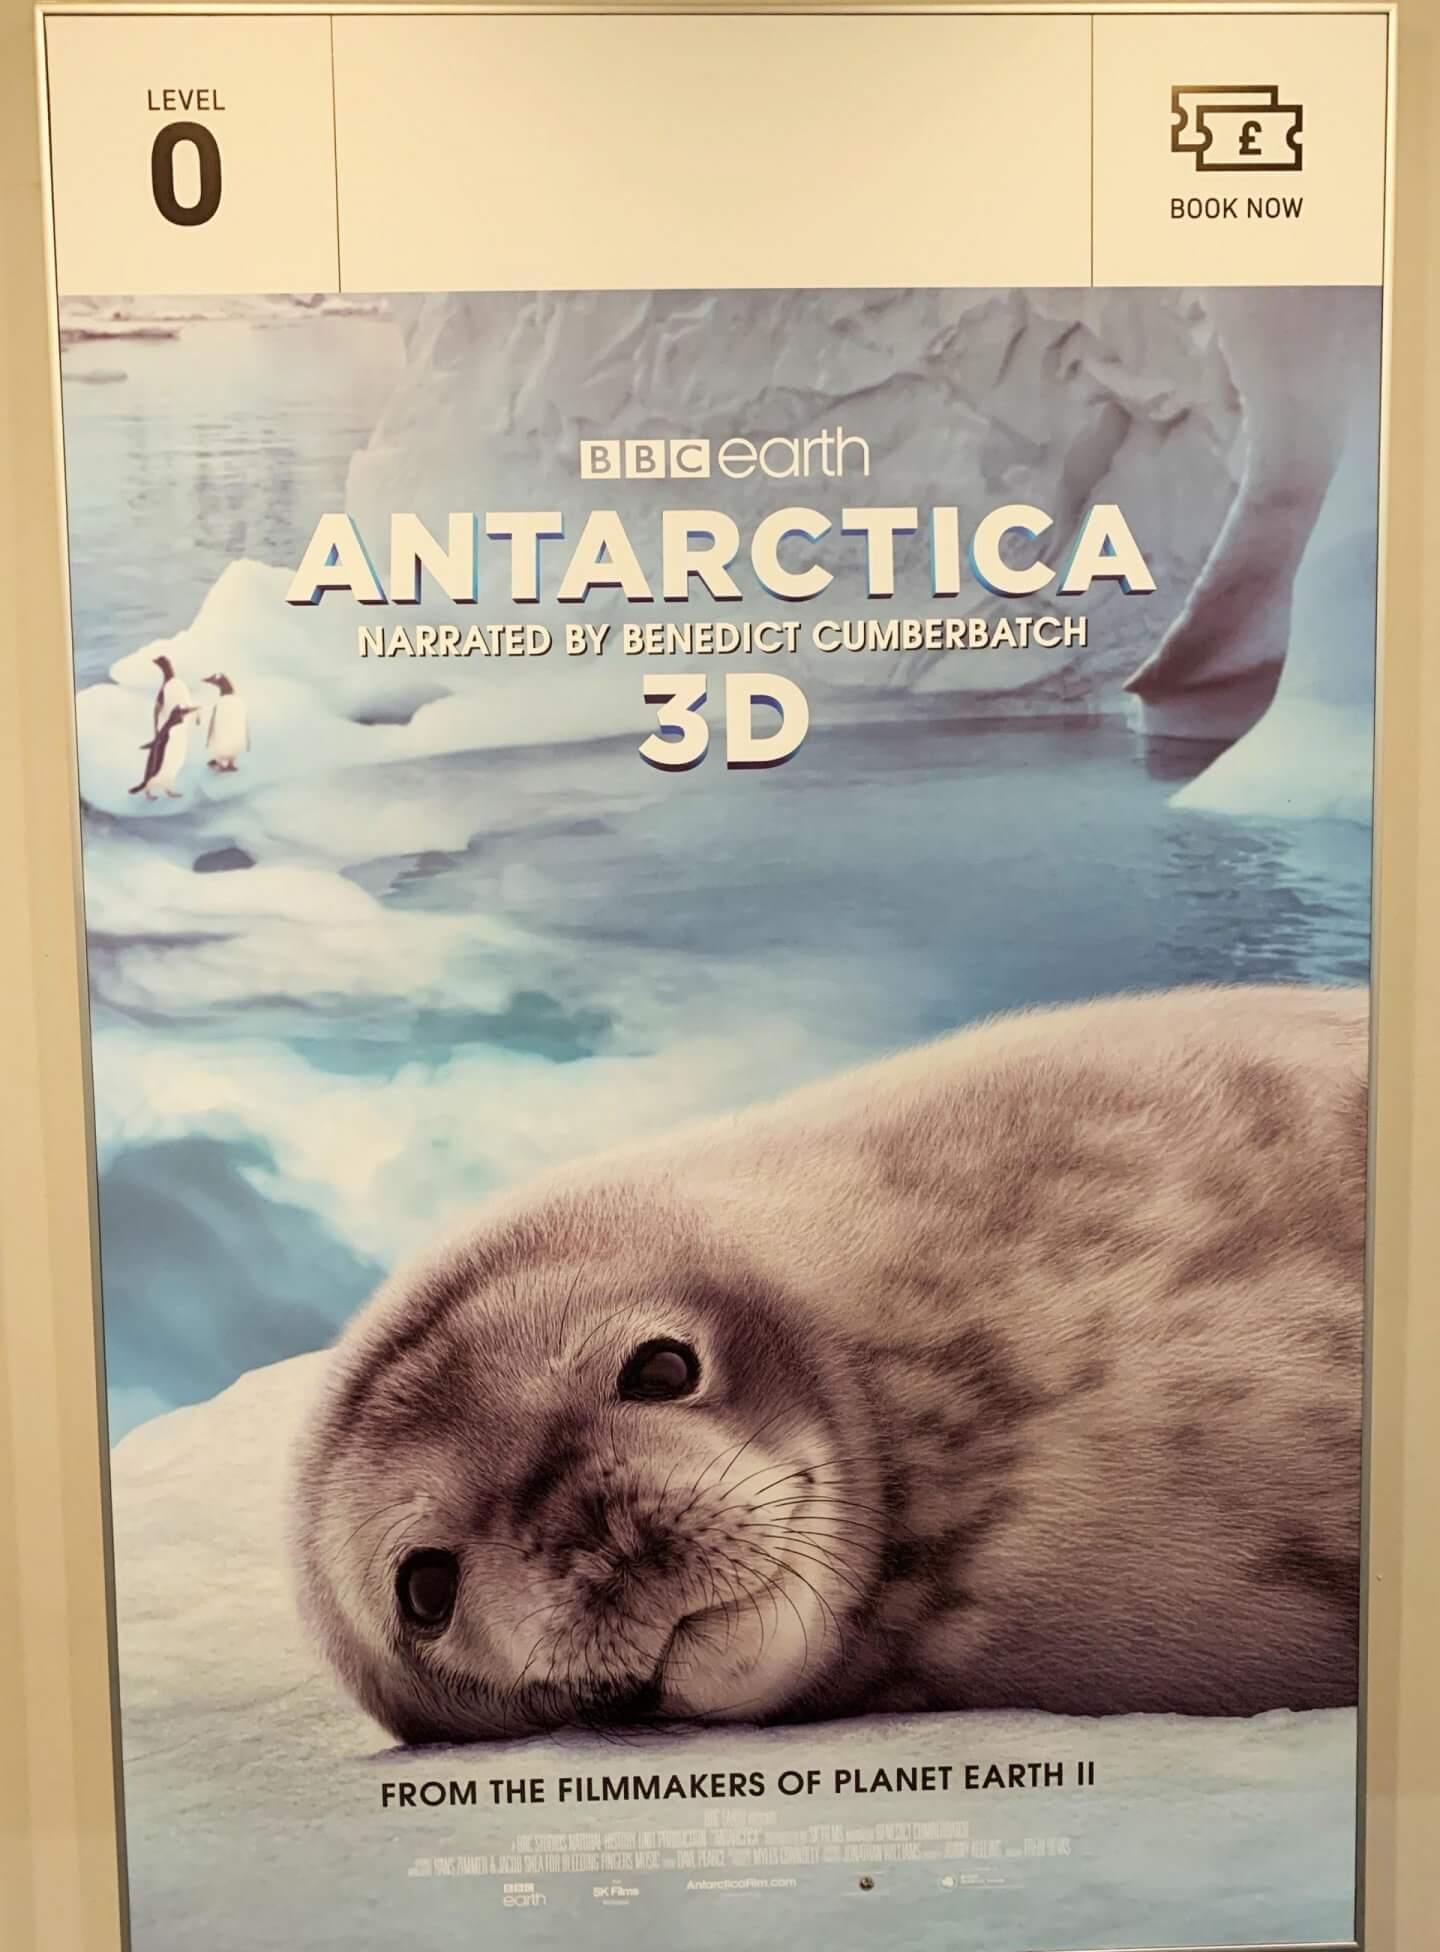 Benedict Cumberbatch, Antarctica film poster